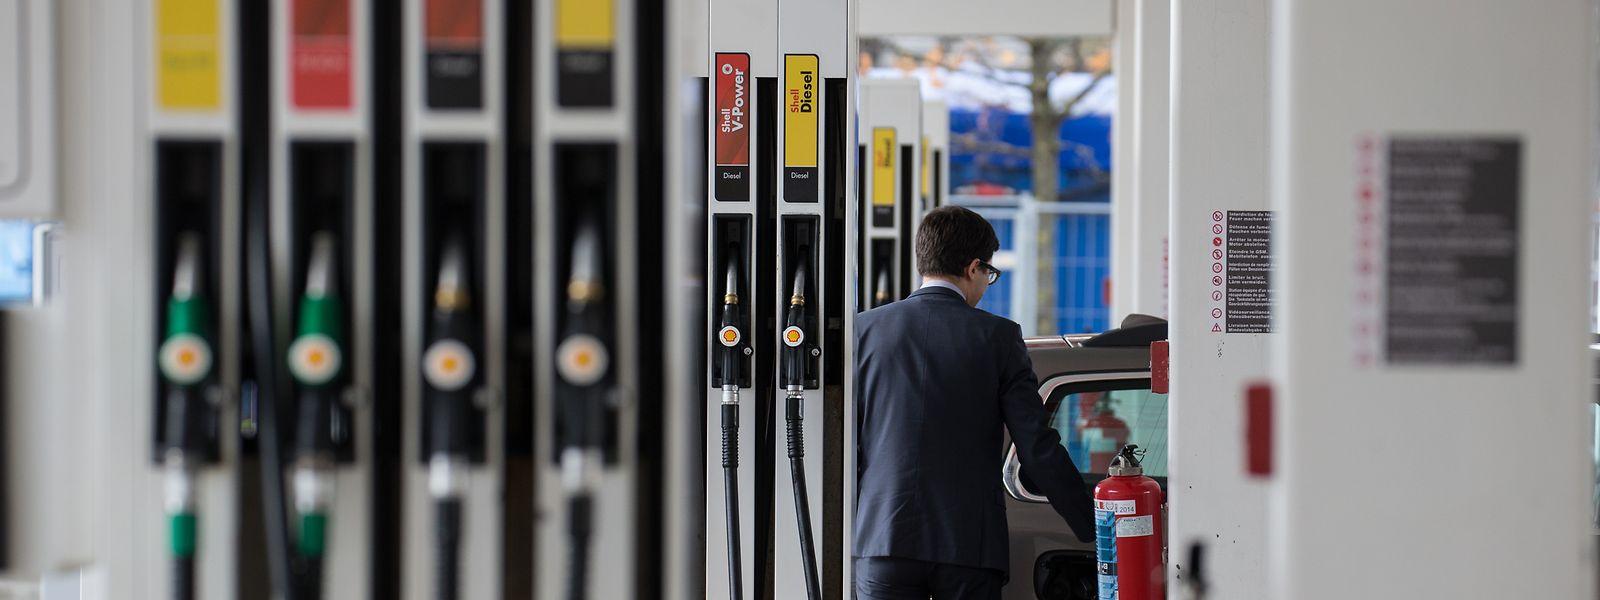 Der Abschied vom Tanktourismus hat begonnen: Billiger Sprit wird in absehbarer Zukunft der Vergangenheit angehören.